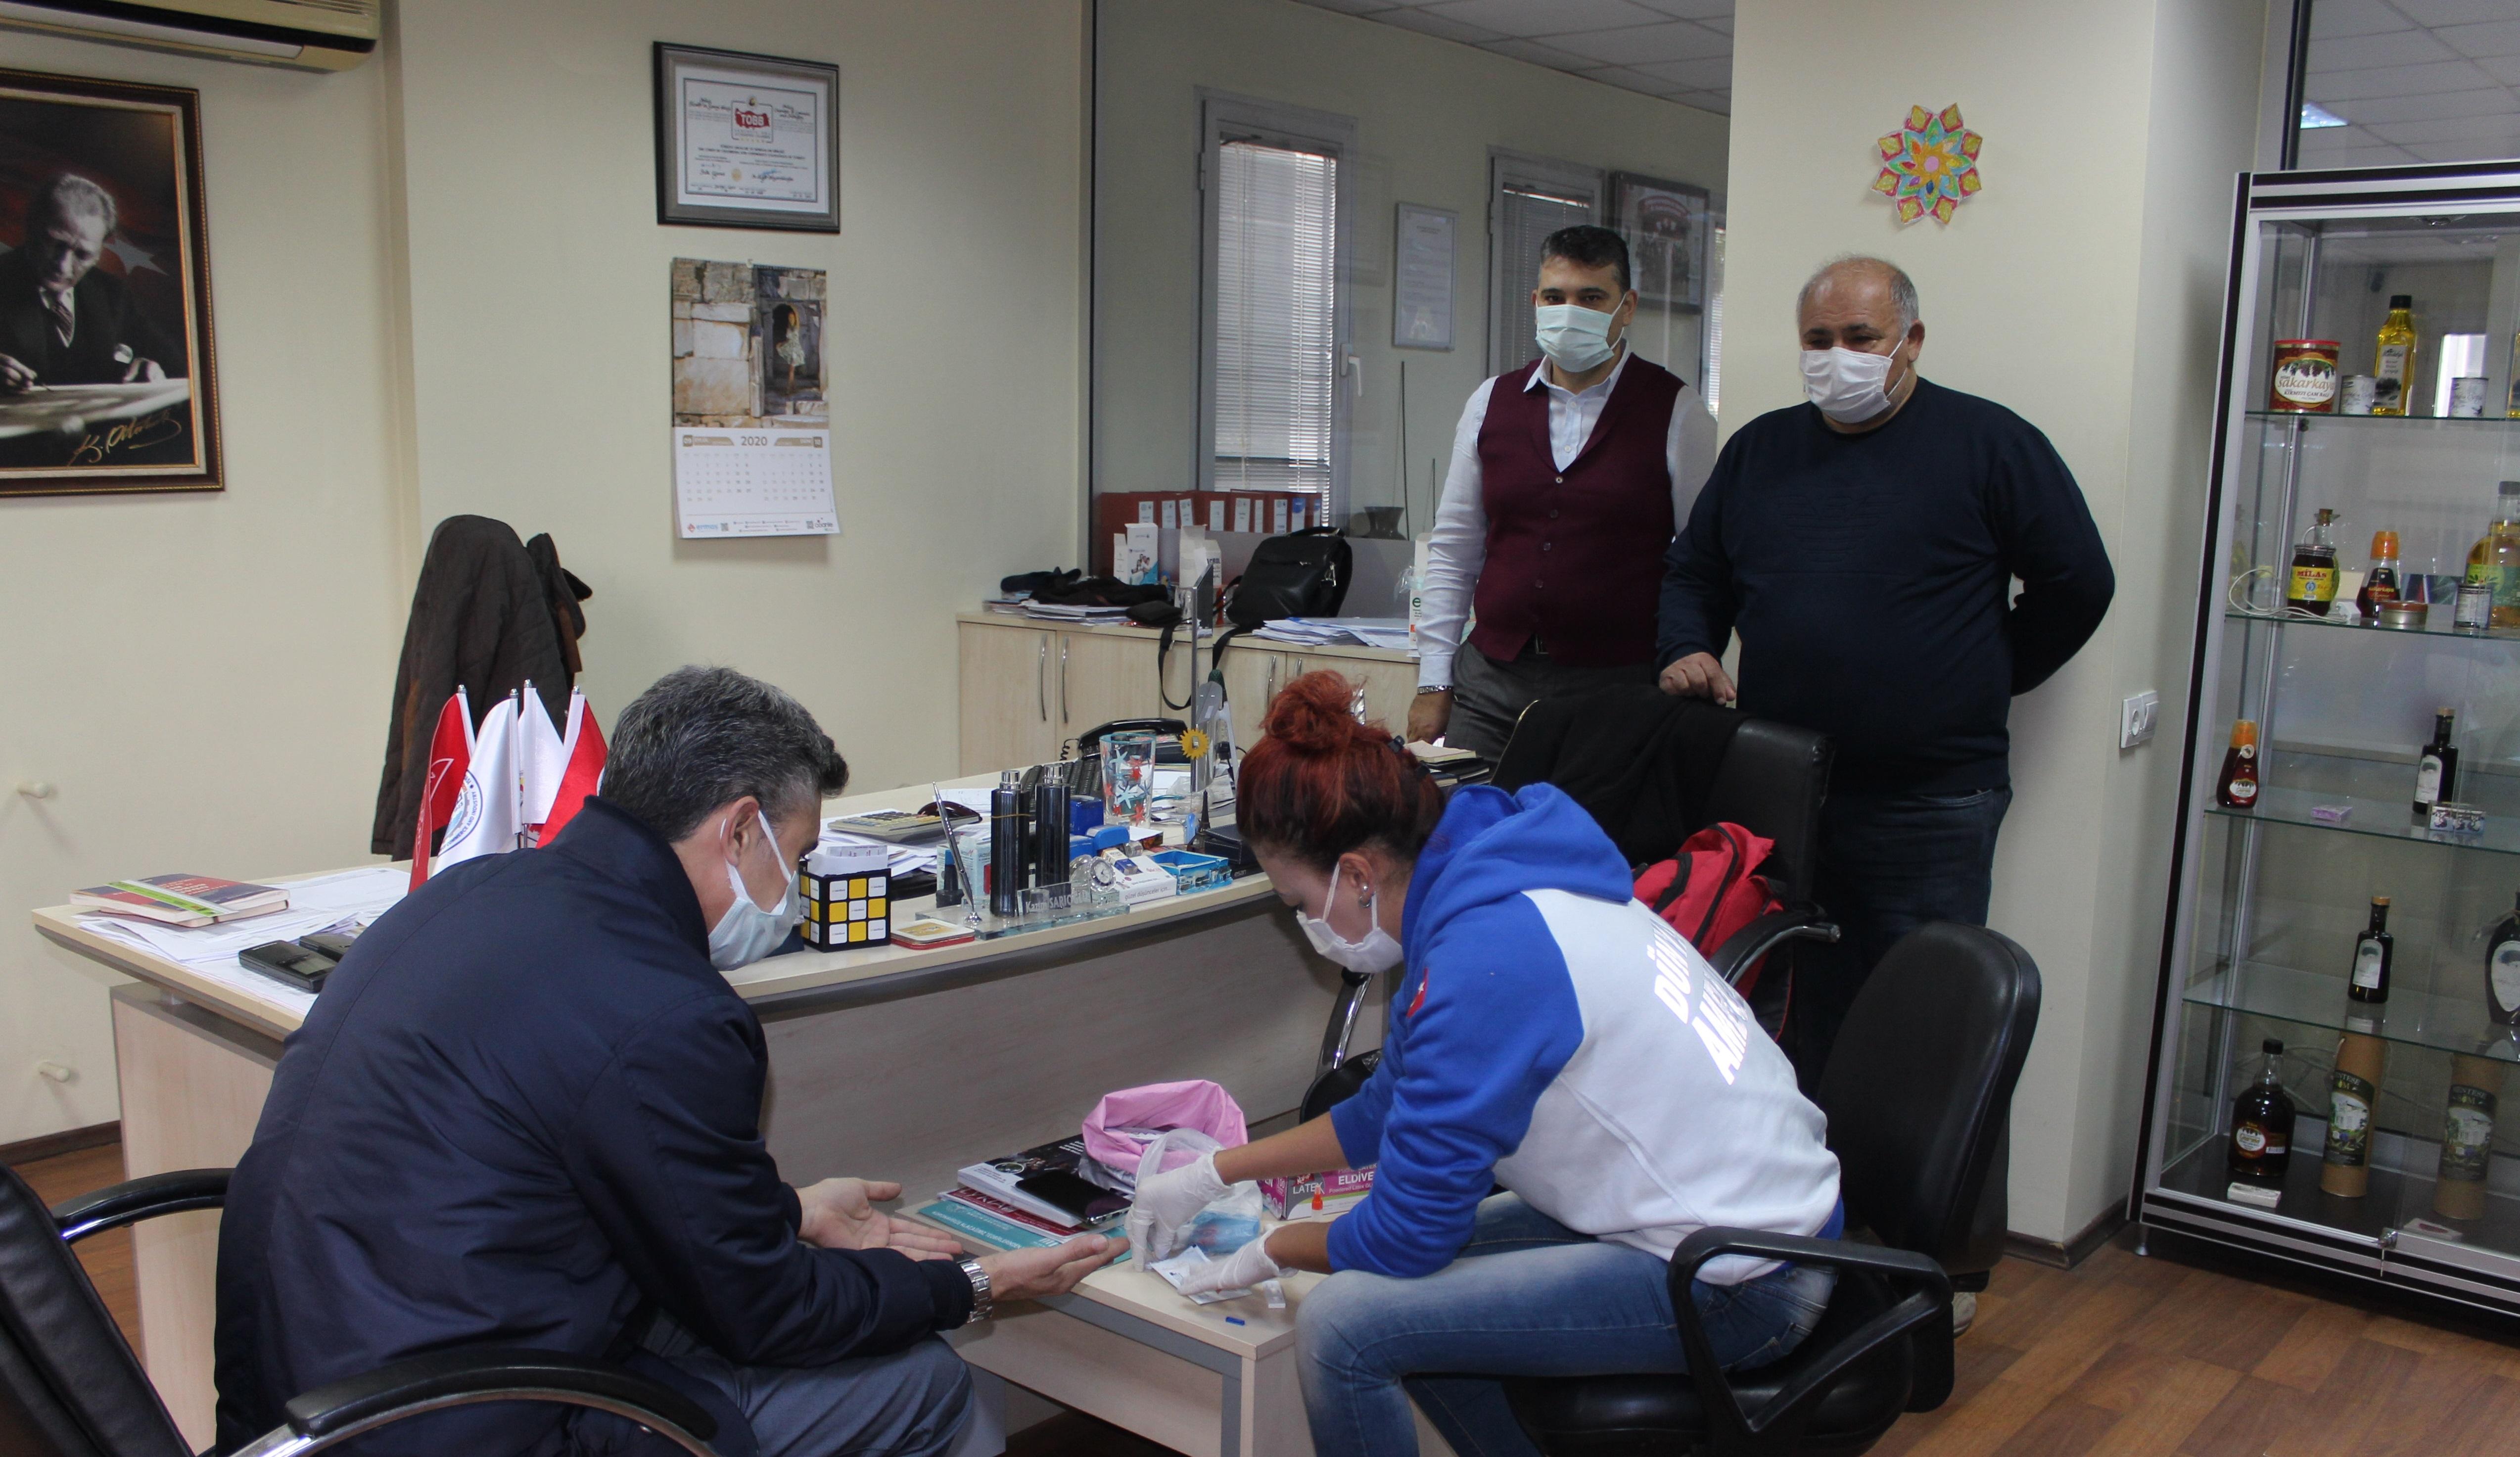 Çalışanların Covid-19 testleri yapıldı: MİTSO TEMİZ ÇIKTI!